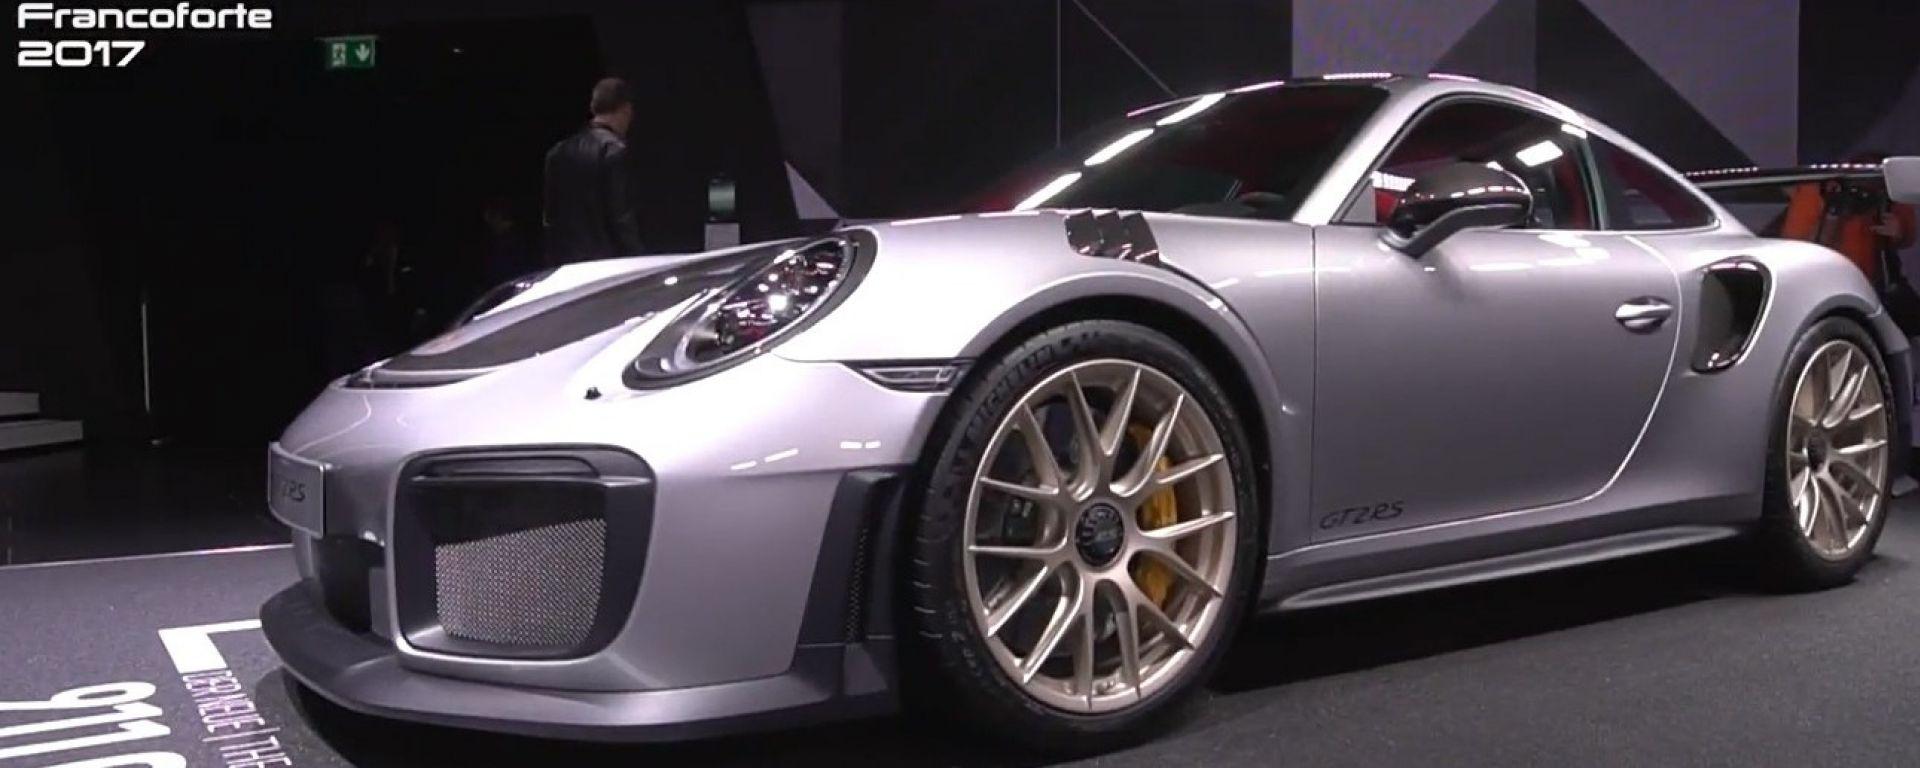 Porsche 911 GT2 RS: a Francoforte la 911 più potente di sempre